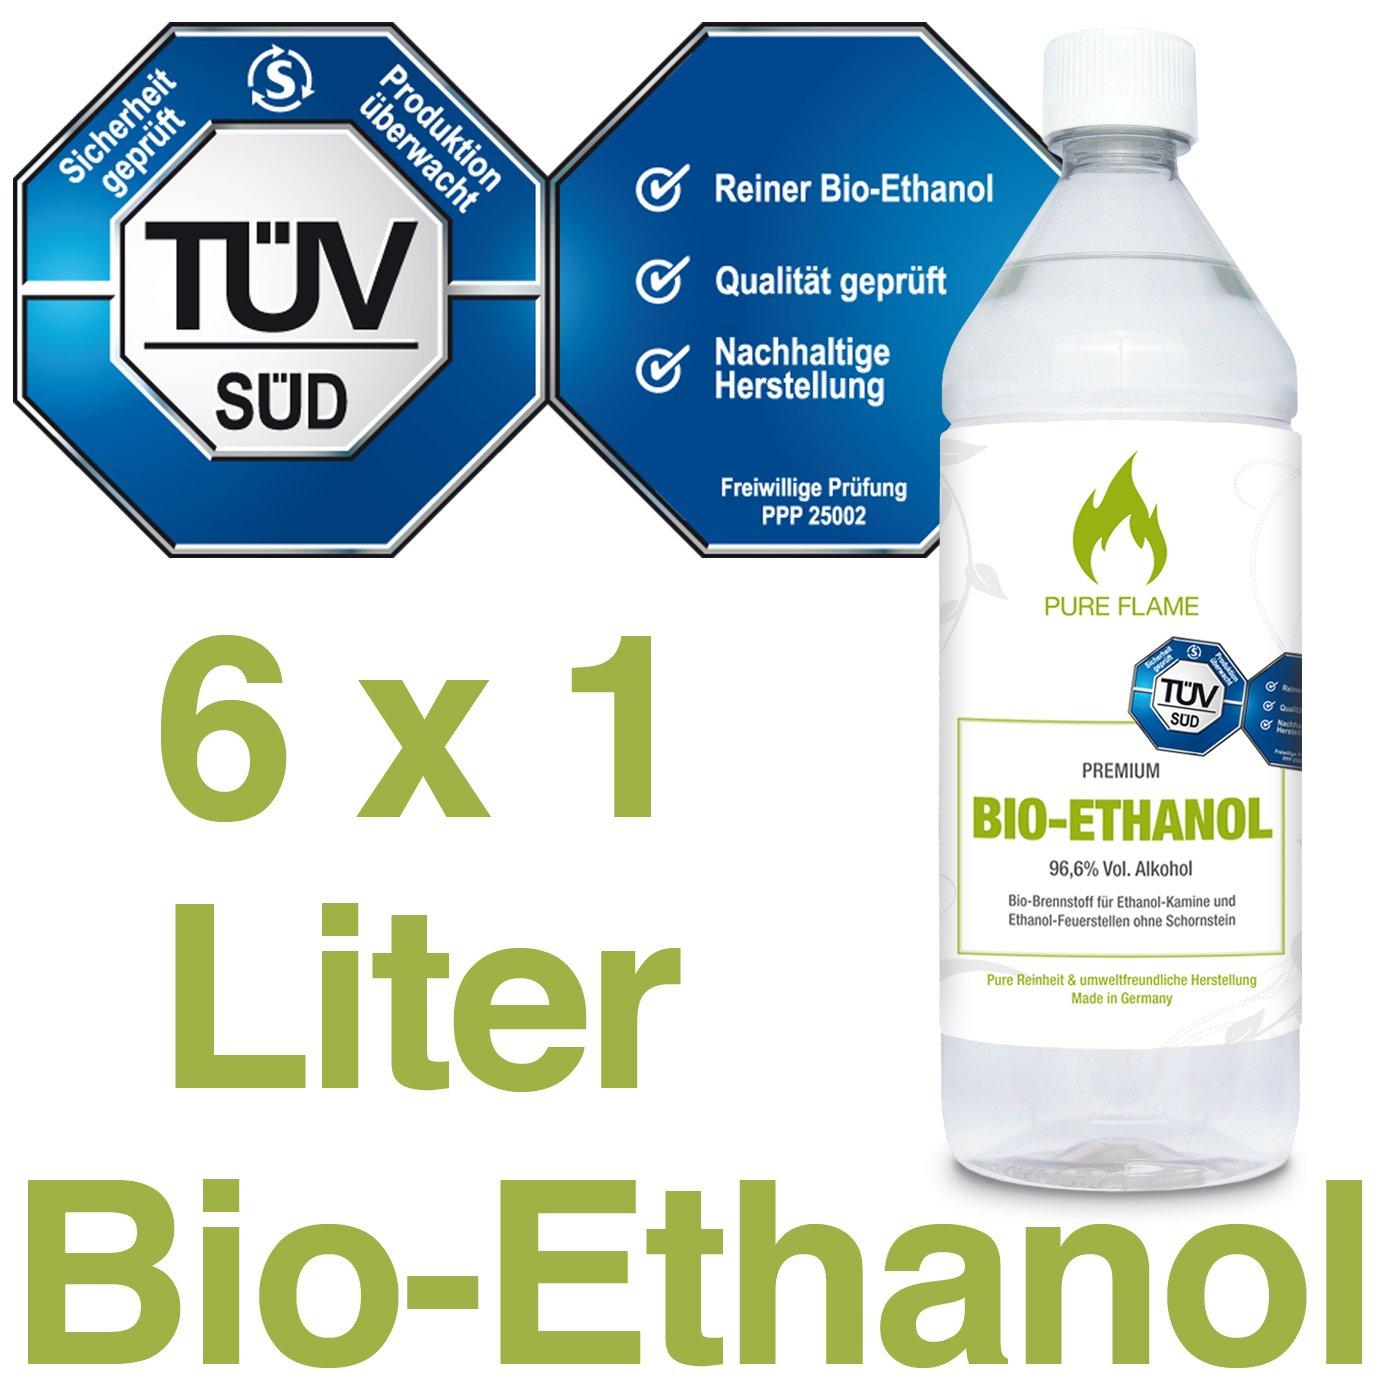 6 x 1L Bioethanol 96,6% - 6 Liter in 1L Flaschen zum handlichen & sicheren Gebrauch - TÜV geprüfte Reinheit, Qualität, Sicherheit & nachhaltige Herstellung - Made in Germany - AKTIONSPREIS NUR 2,48 EUR/L. !!! Qualität Pure Flame Kamin Brennstoffe